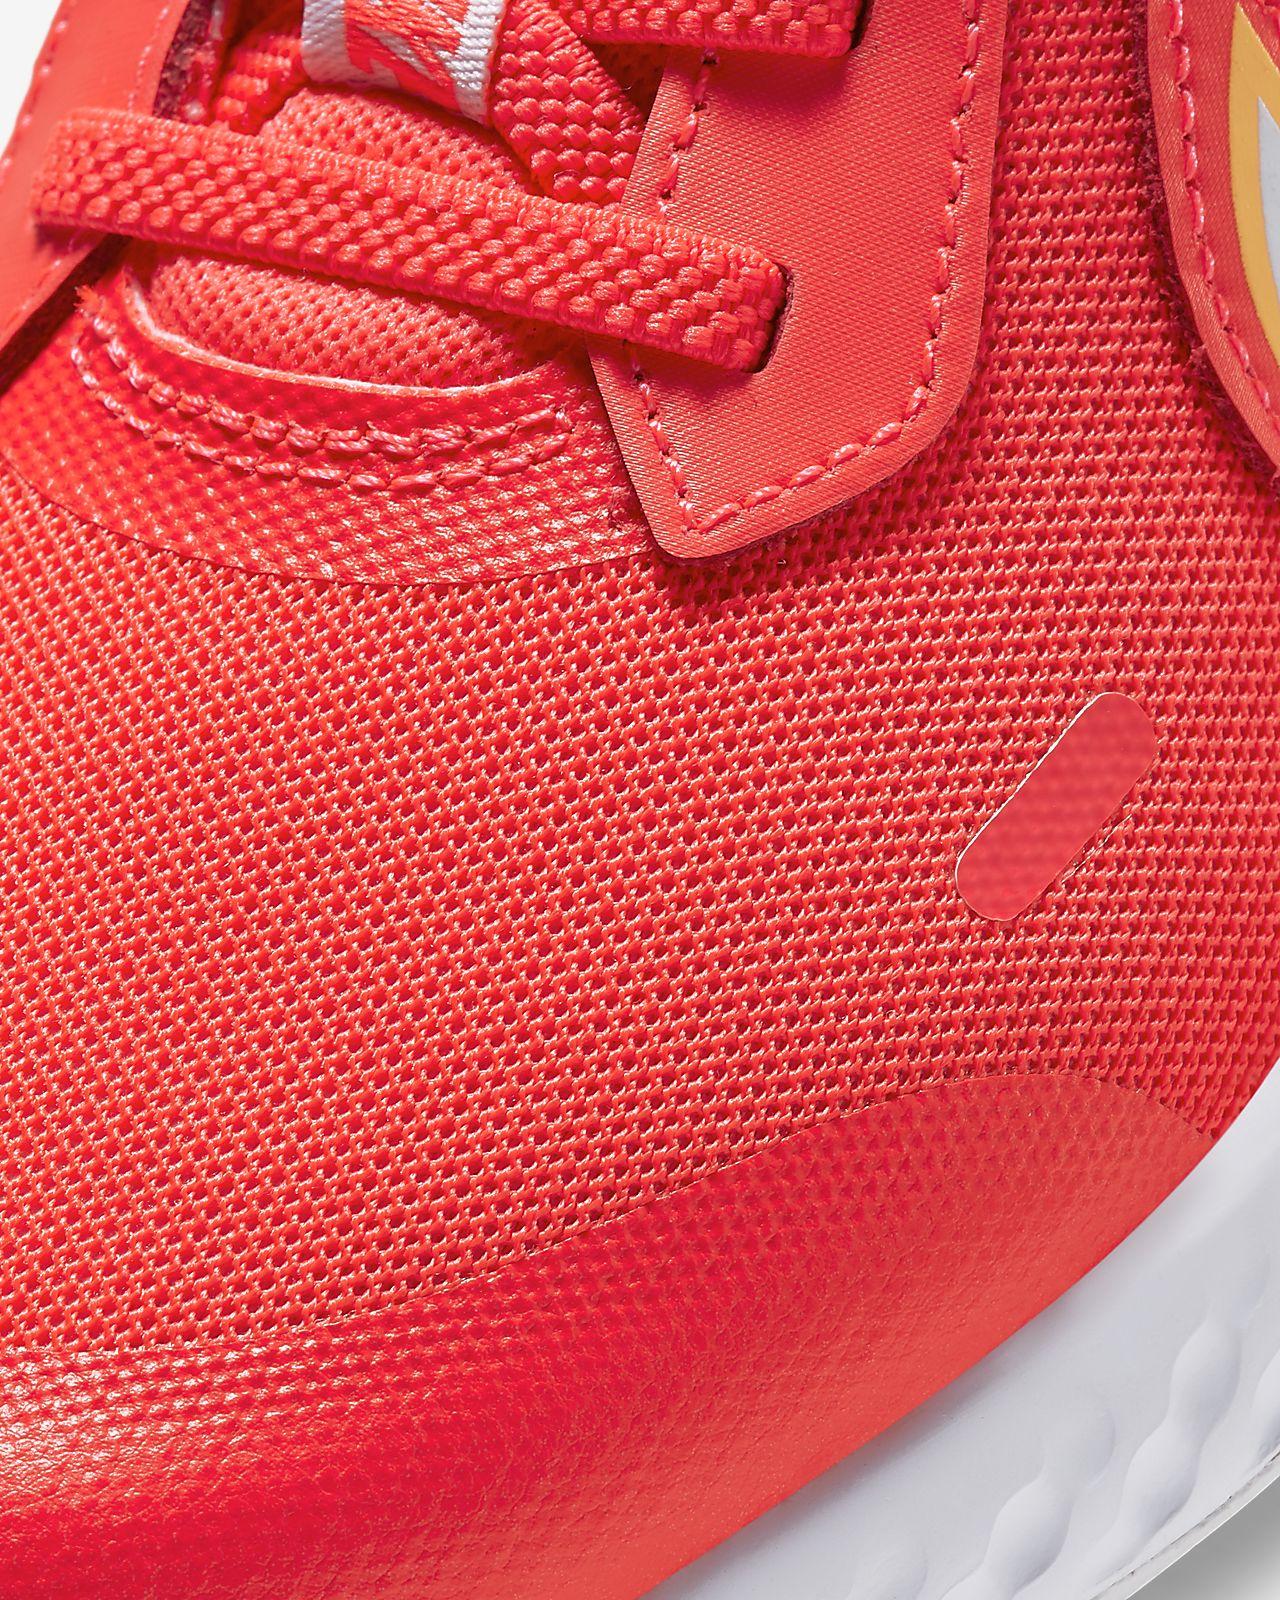 Chaussure Nike Revolution 5 Fire pour Jeune enfant